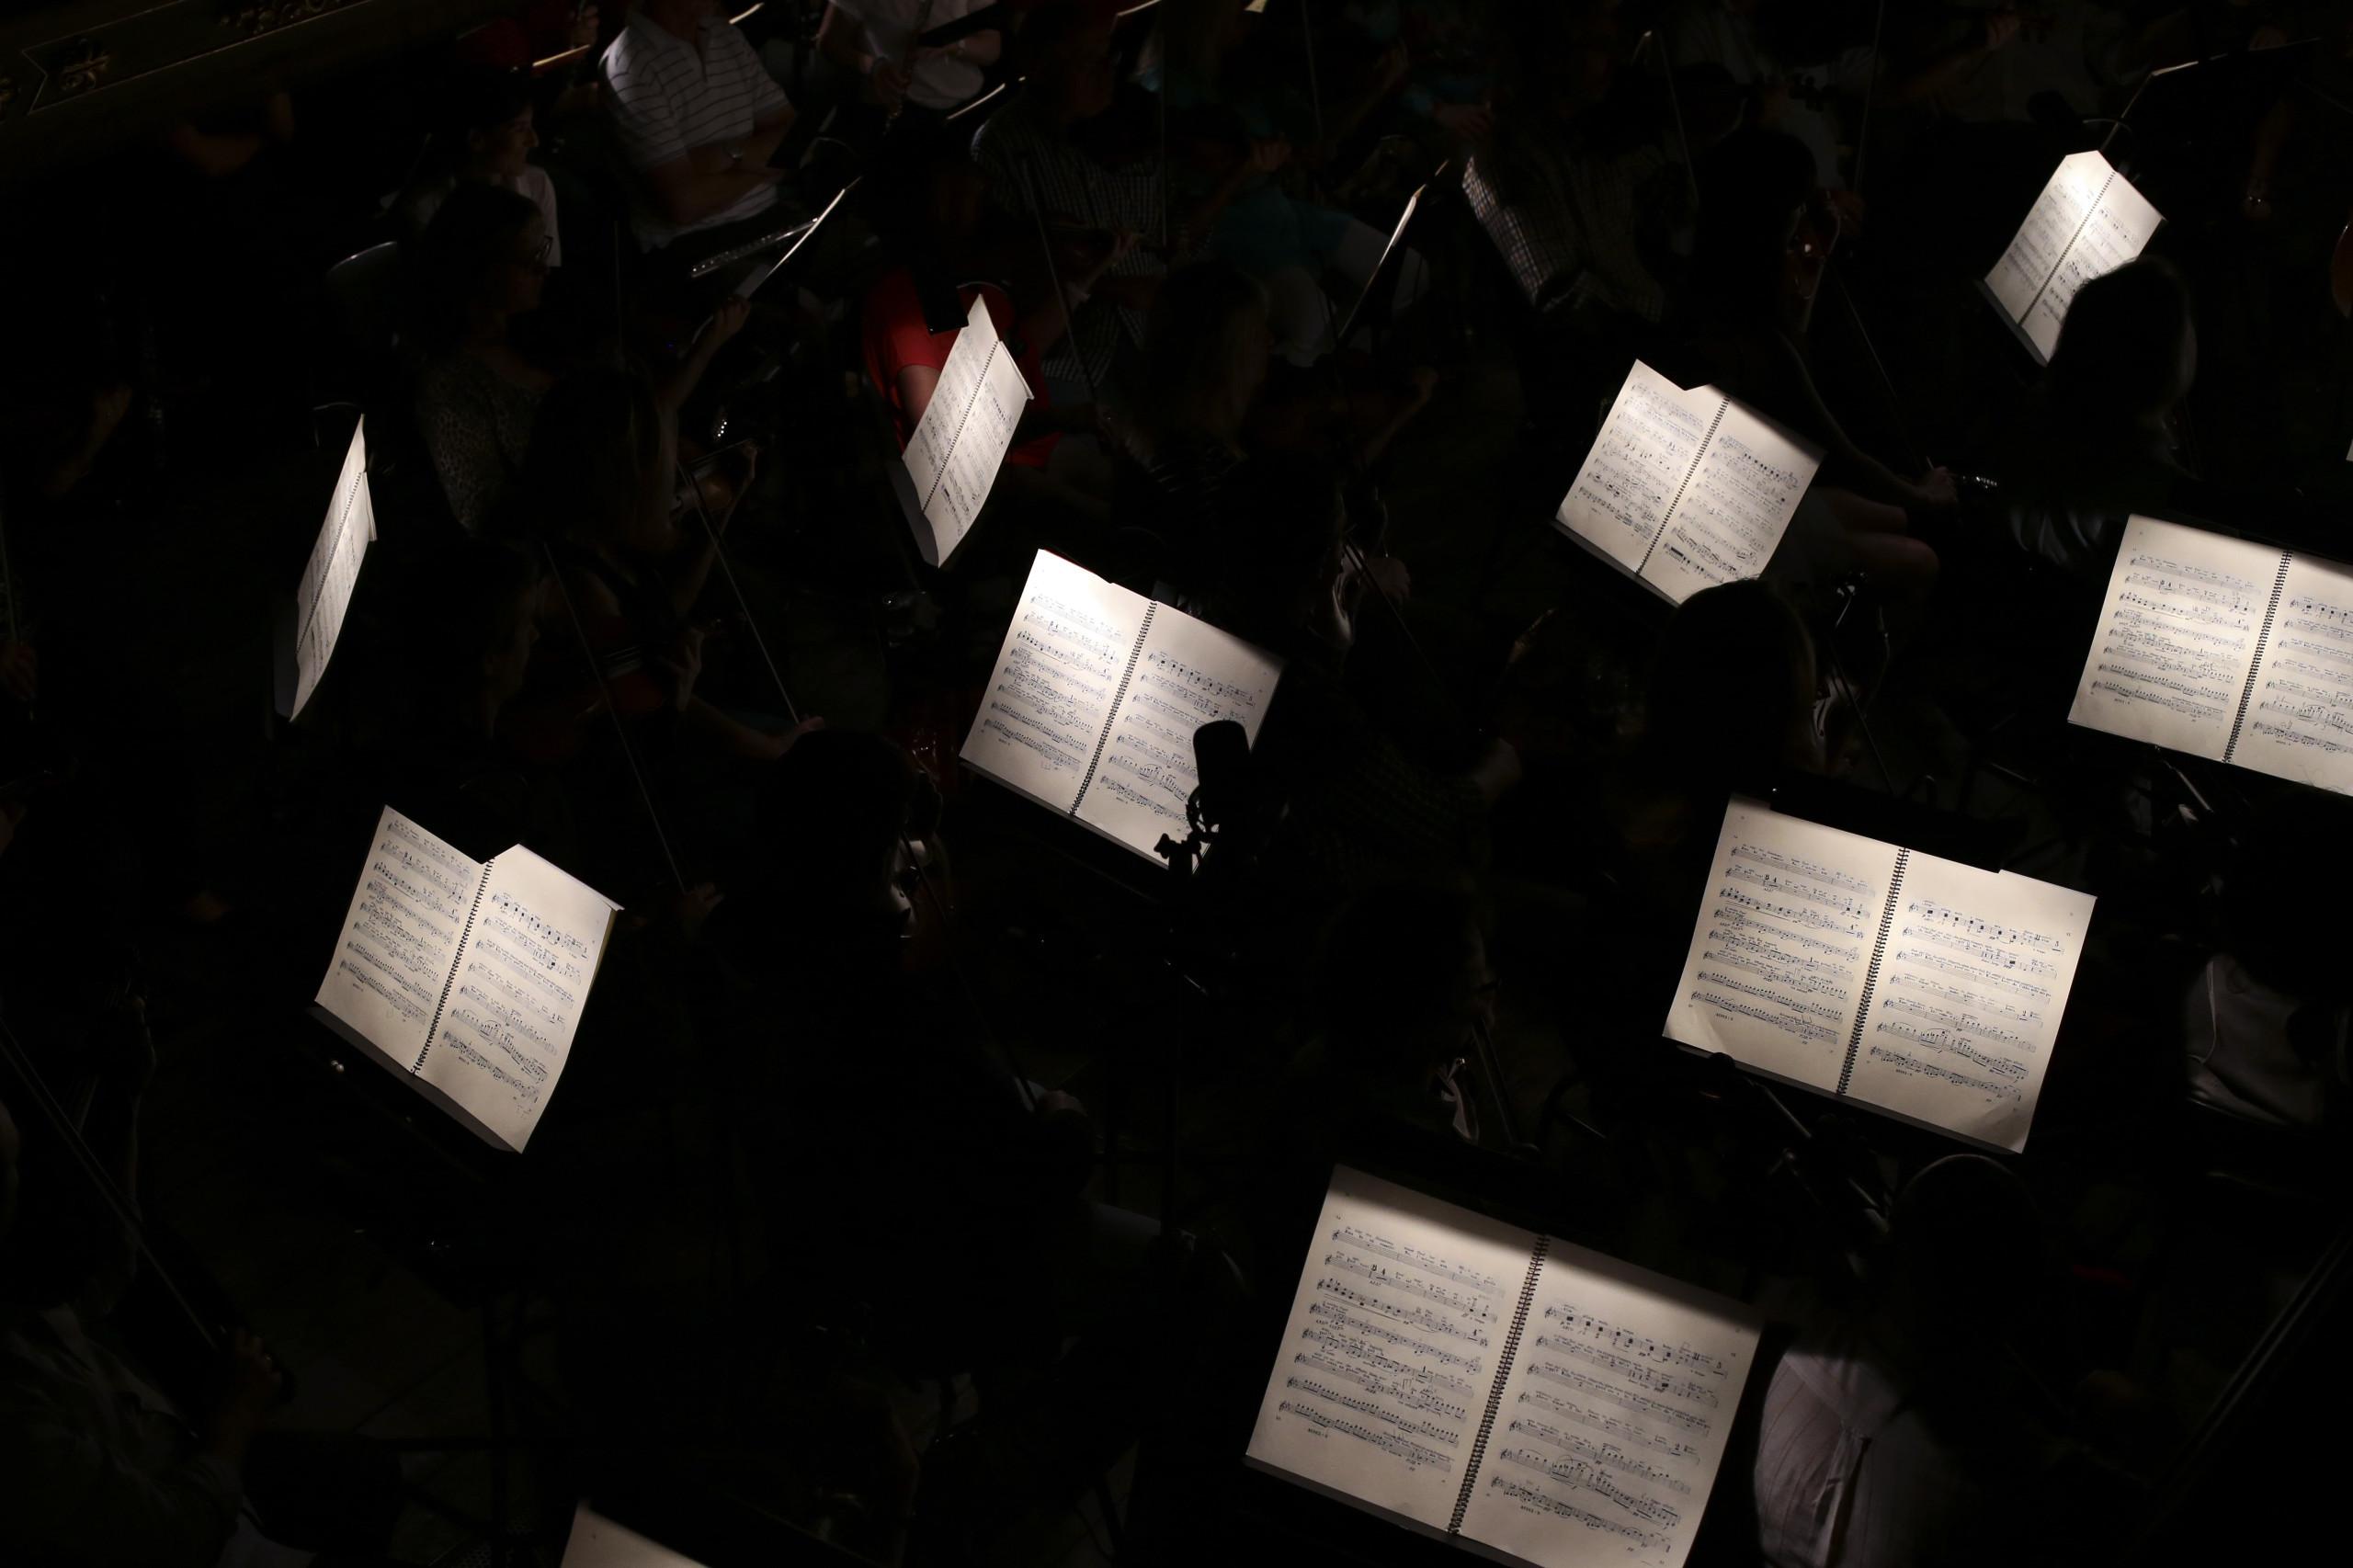 Nova temporada de orquestra europeia com 22 músicos portugueses